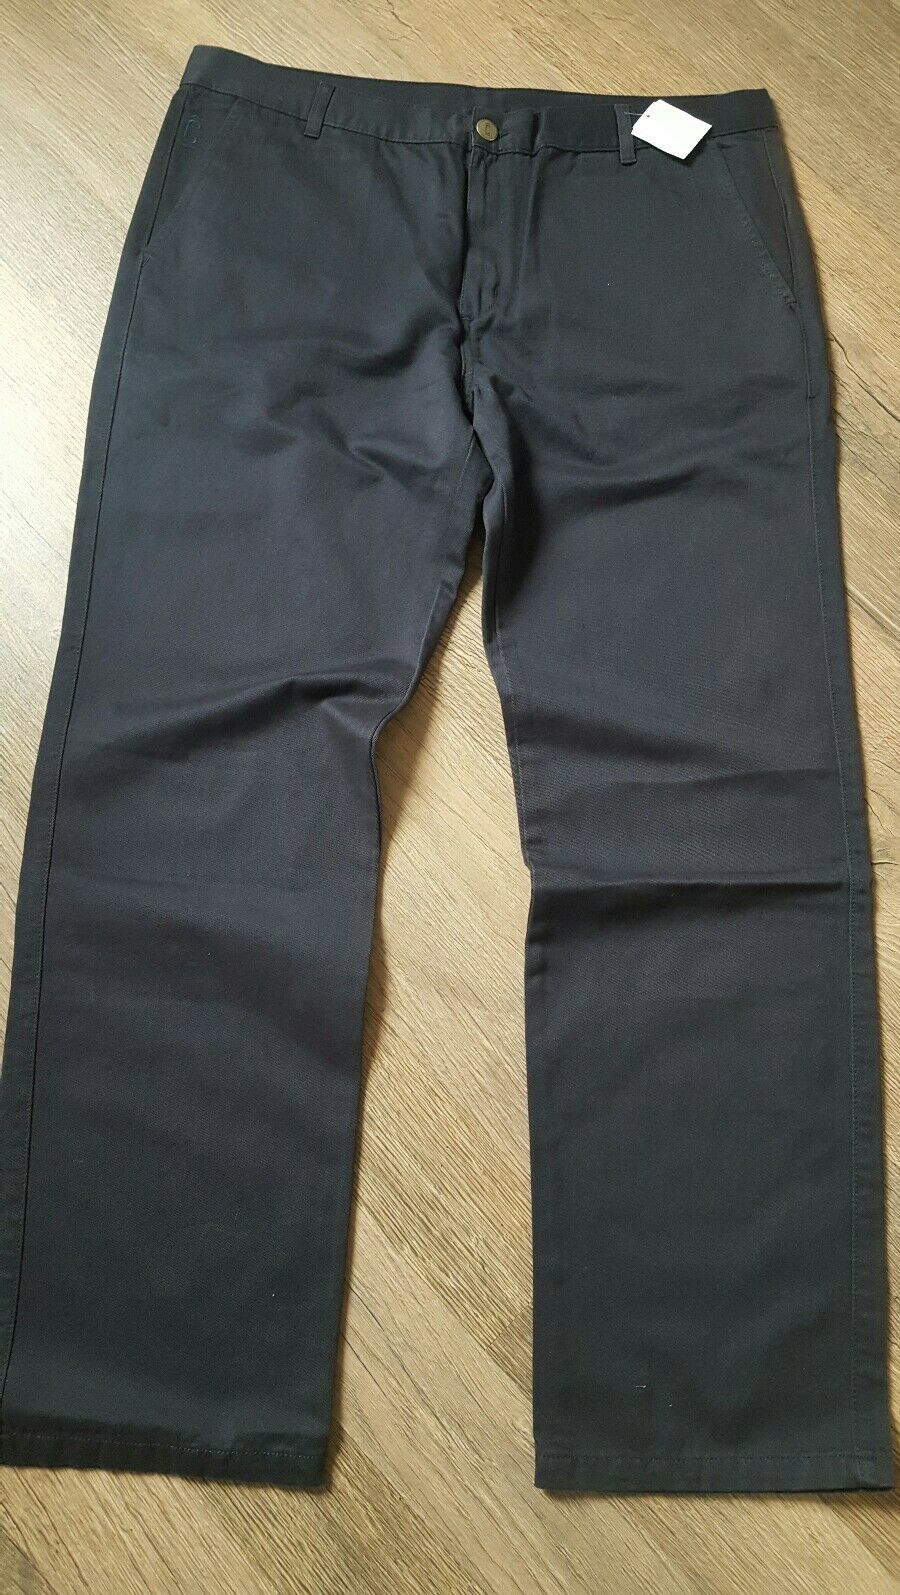 Cleptomanicx Herren Port Chino Hose Pant blau navy Classic Gr. 28 NEU